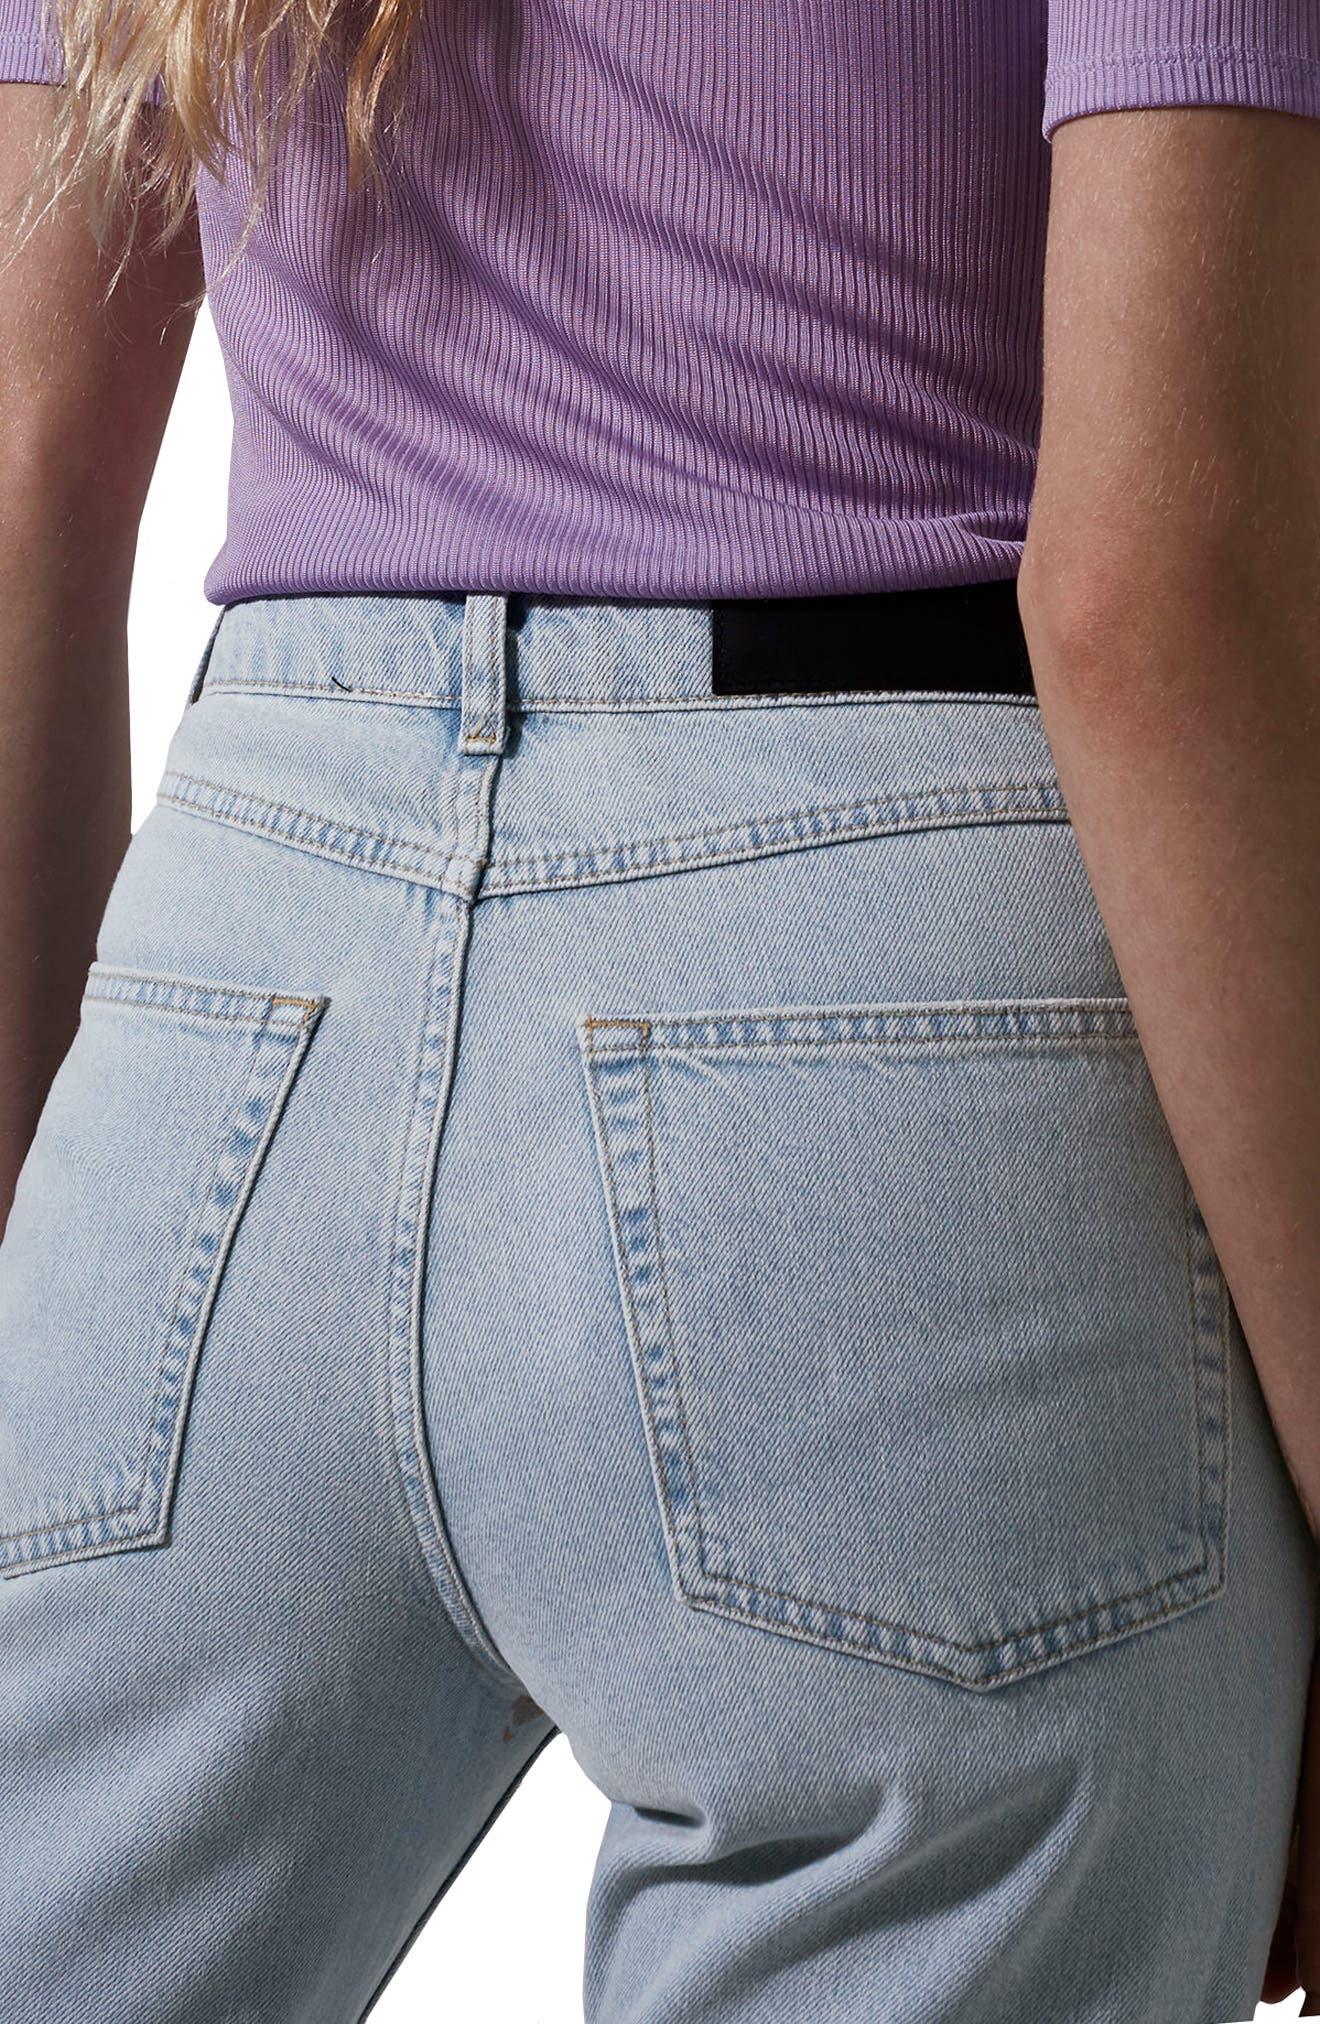 Boutique Bleach Denim Jeans,                         Main,                         color,